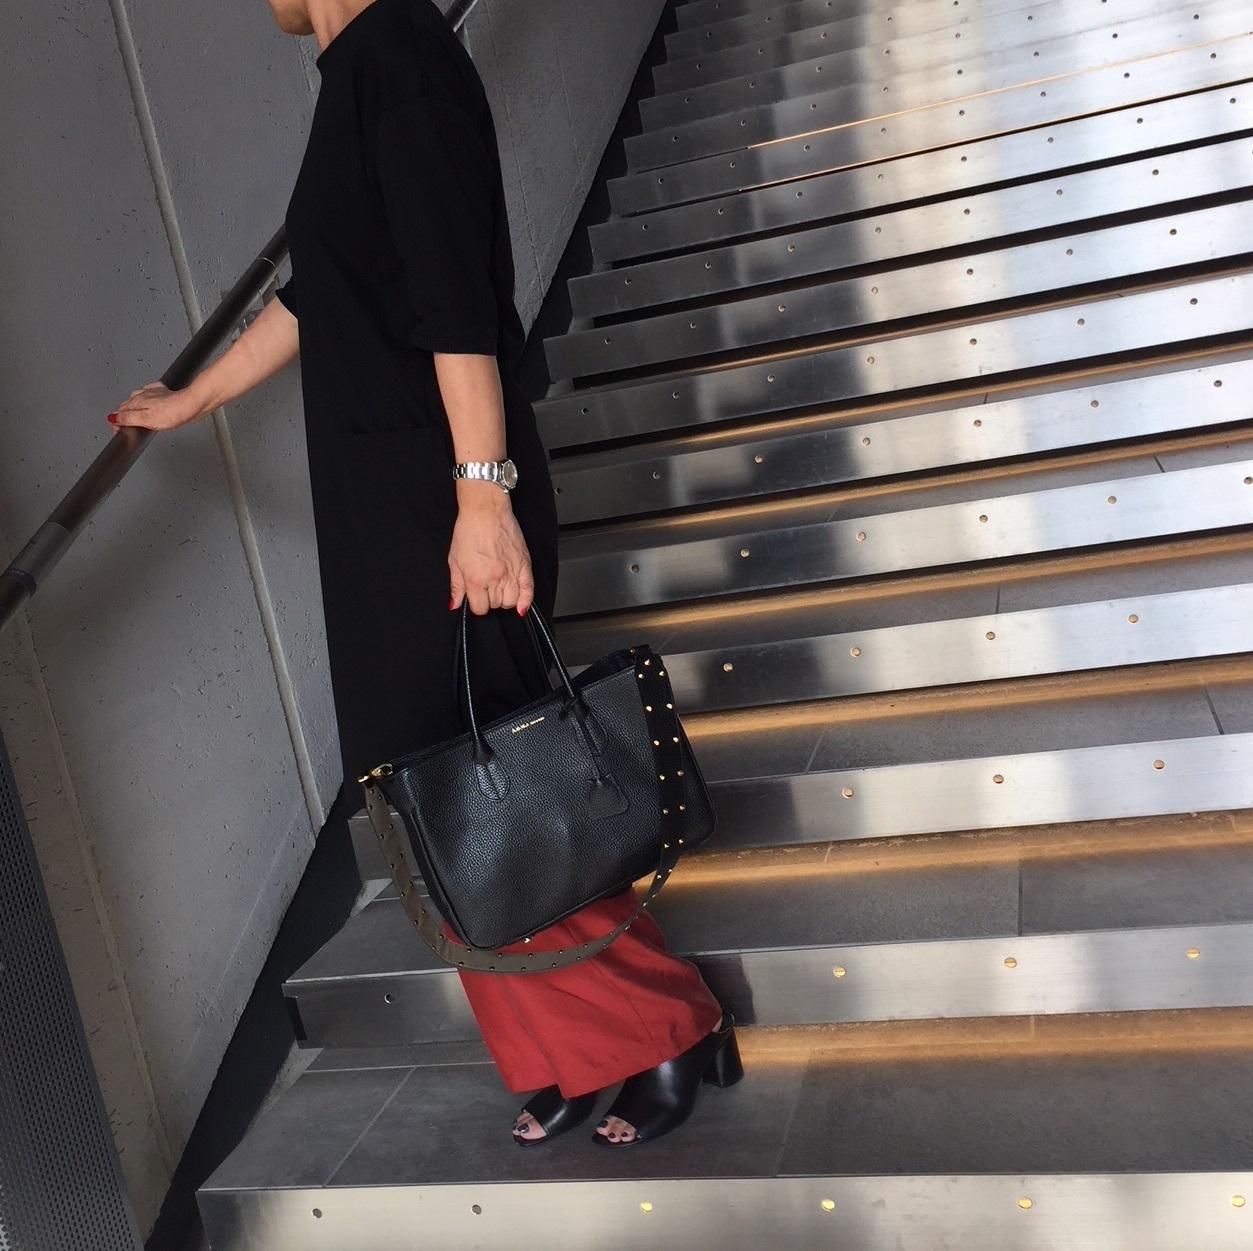 A.D.M.Jのバッグの便利さにハマるスタッフが続出中!_1_1-3